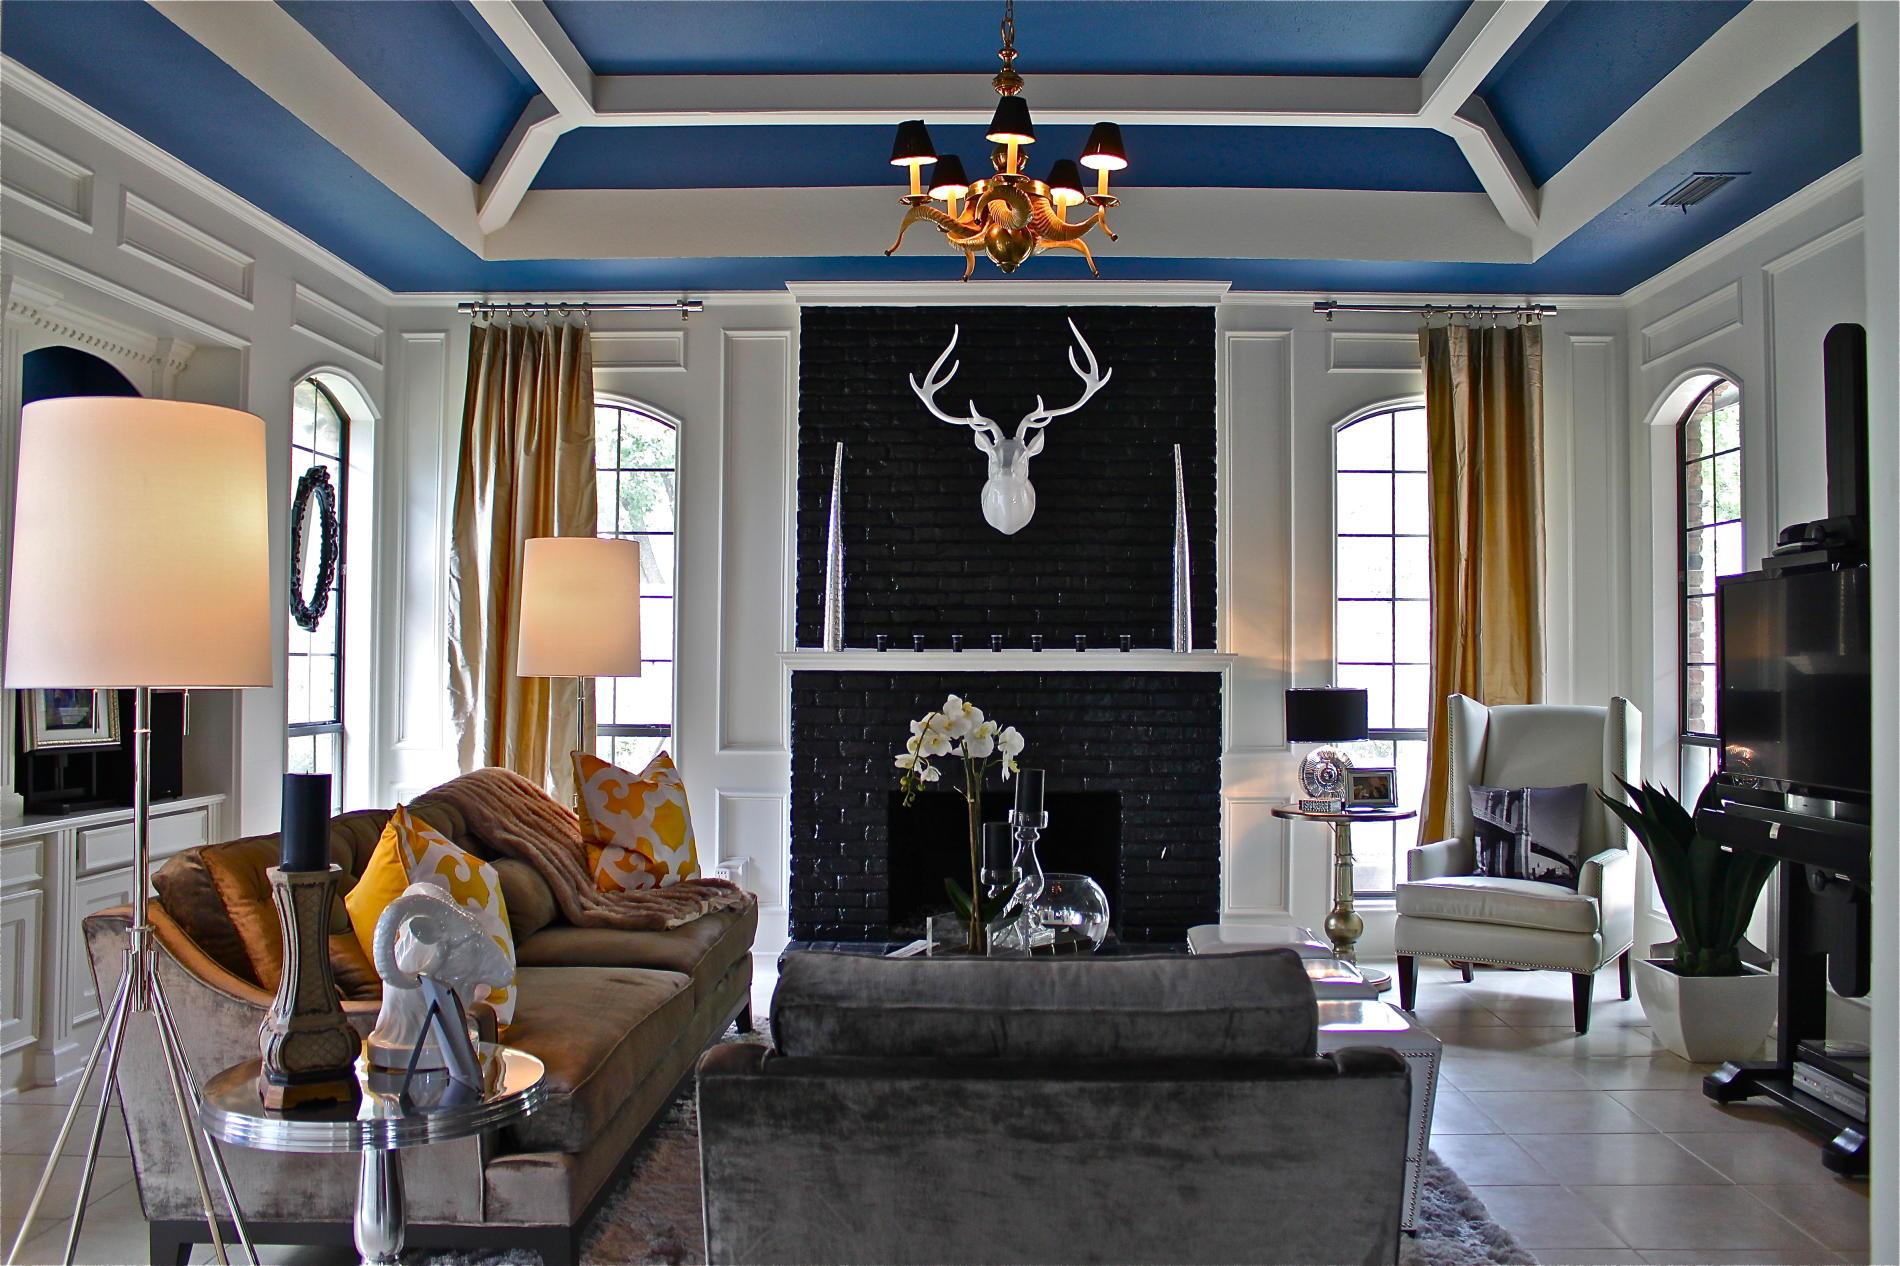 яркий дизайн интерьера гостиной.jpg